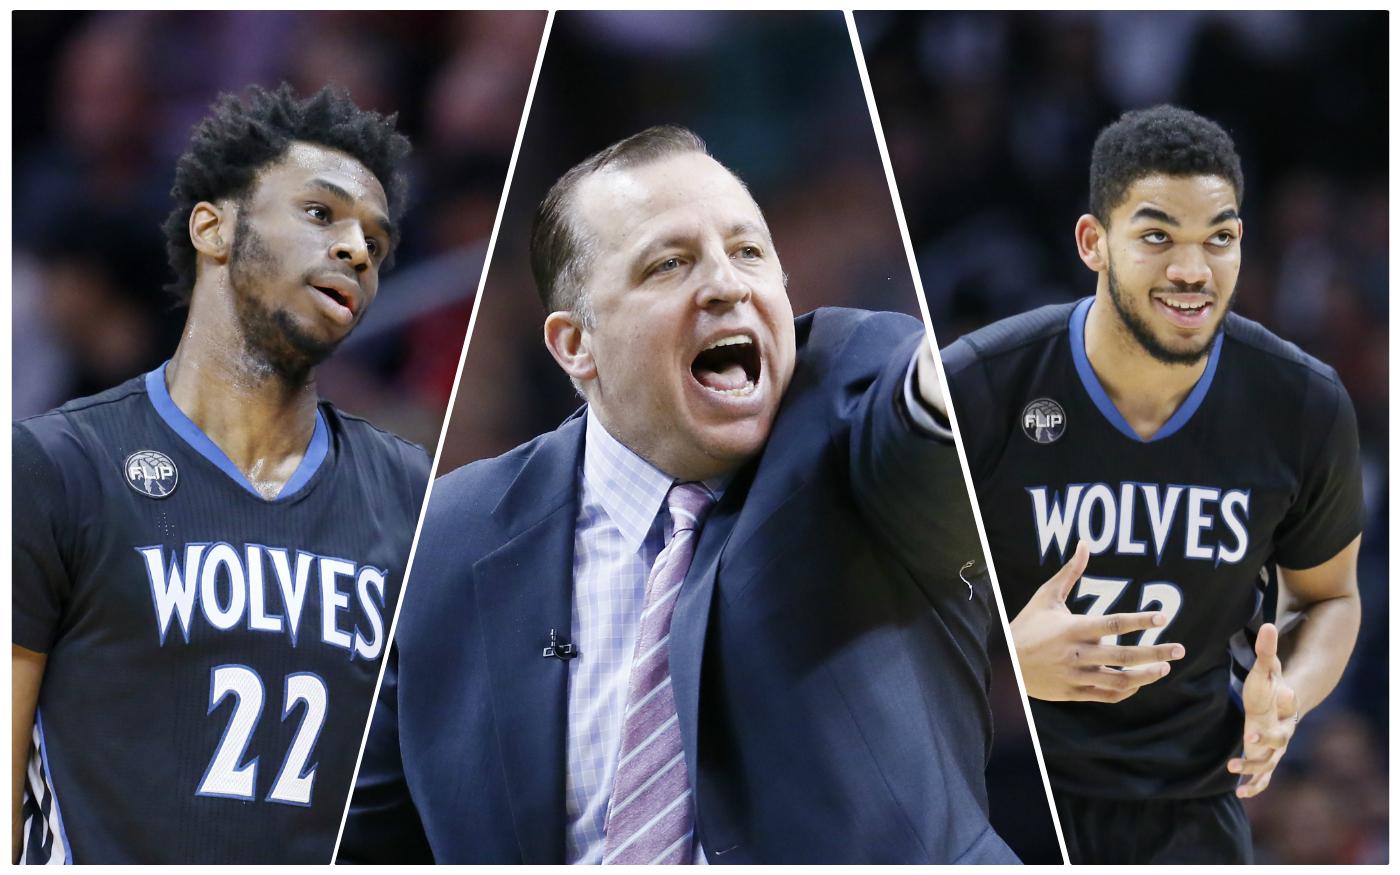 Soyez malins, supportez les Wolves avant tout le monde